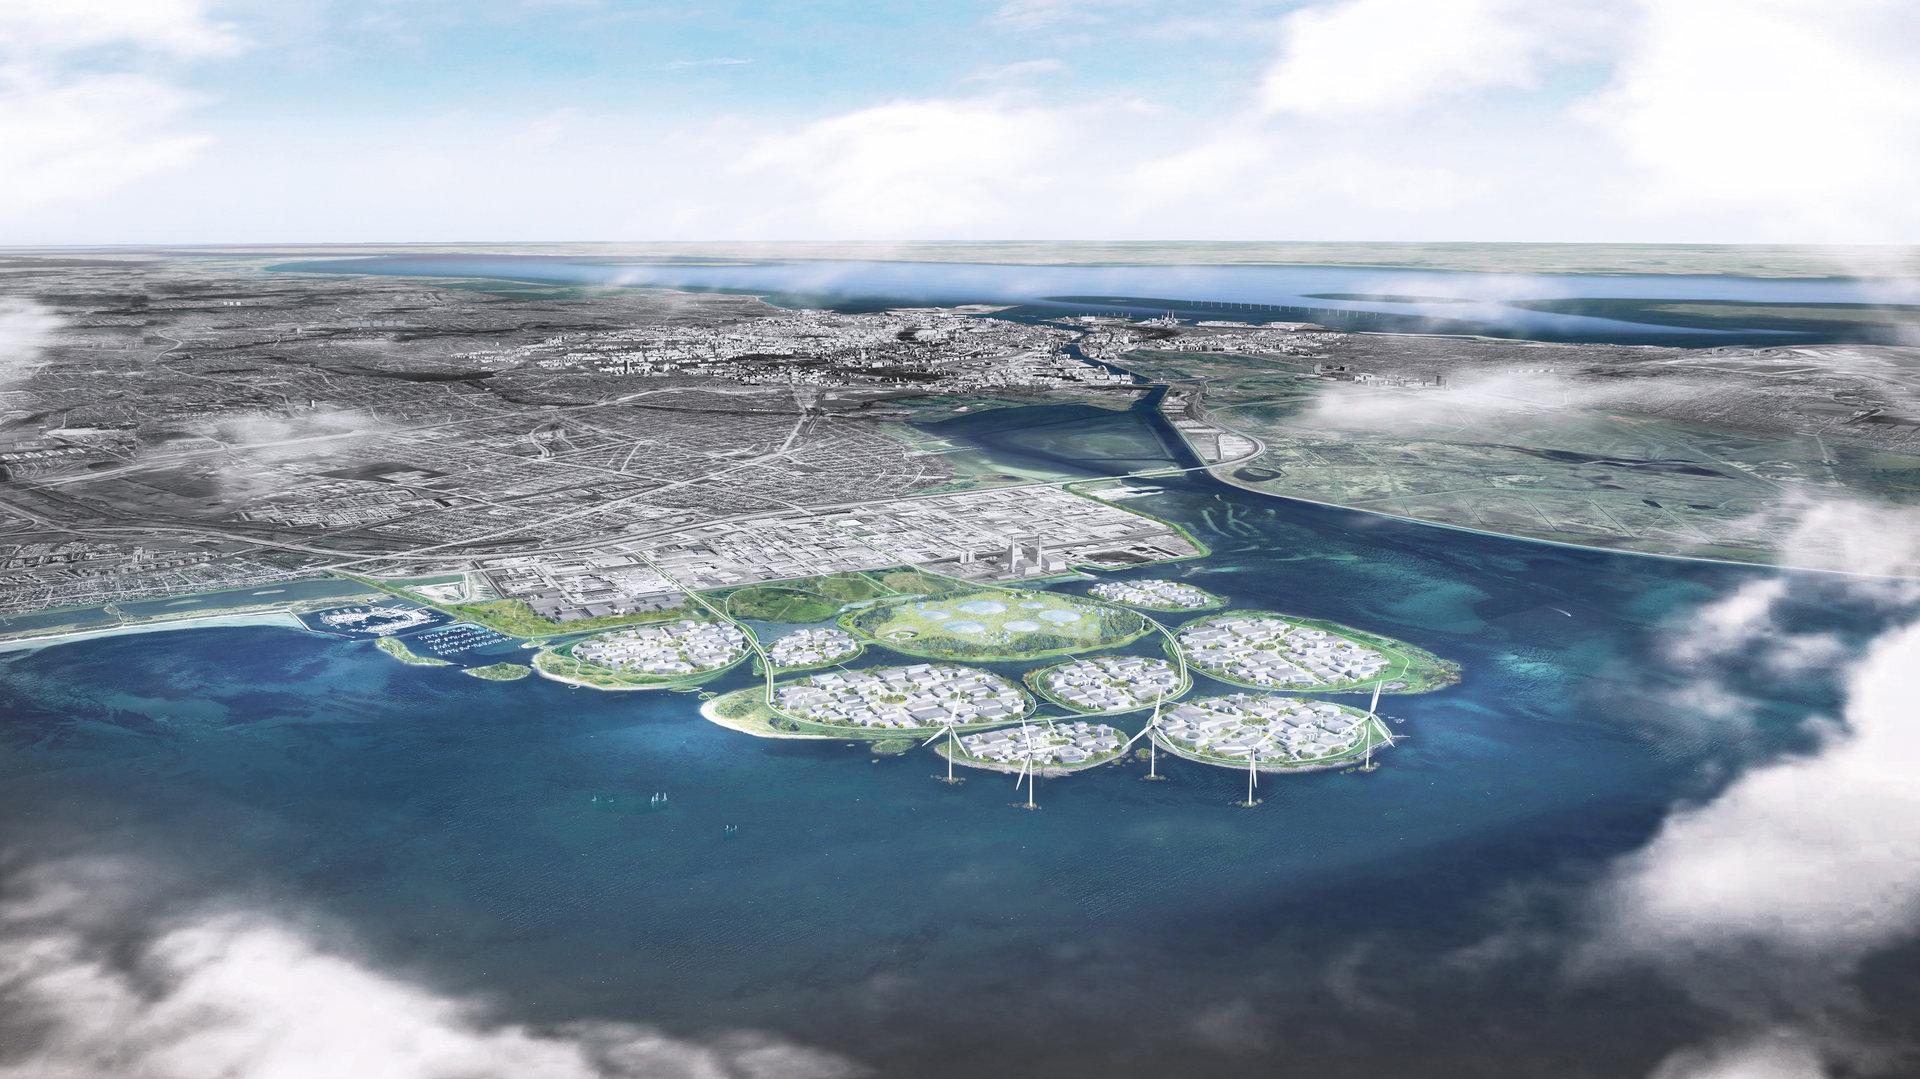 A dán kormány 9 mesterséges szigetet építene Koppenhága mellé